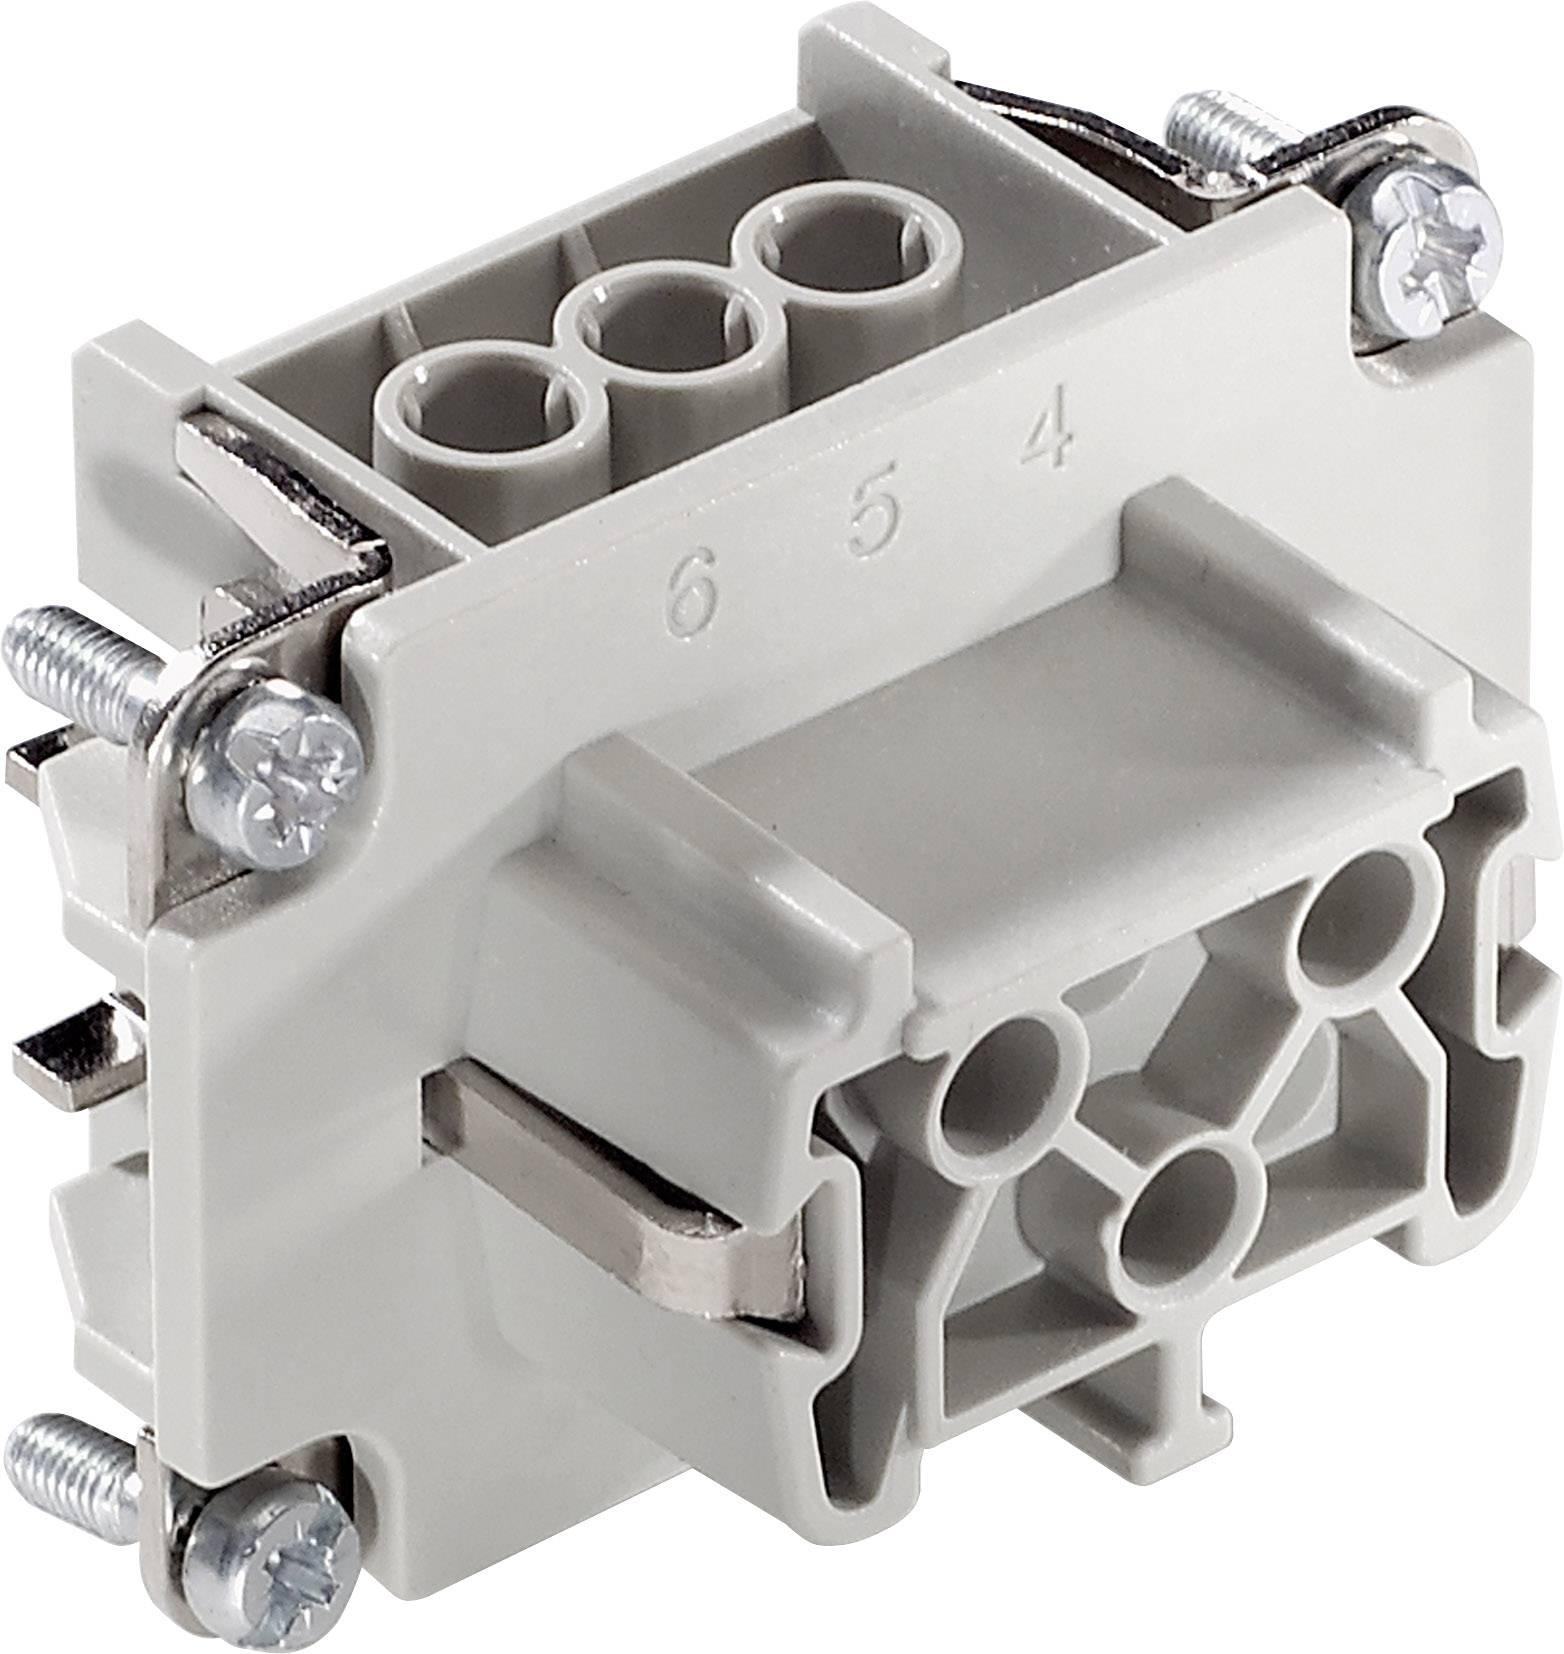 LappKabel EPIC® H-BE 6 BS (10191000), Použití zdířky, IP65, šedá